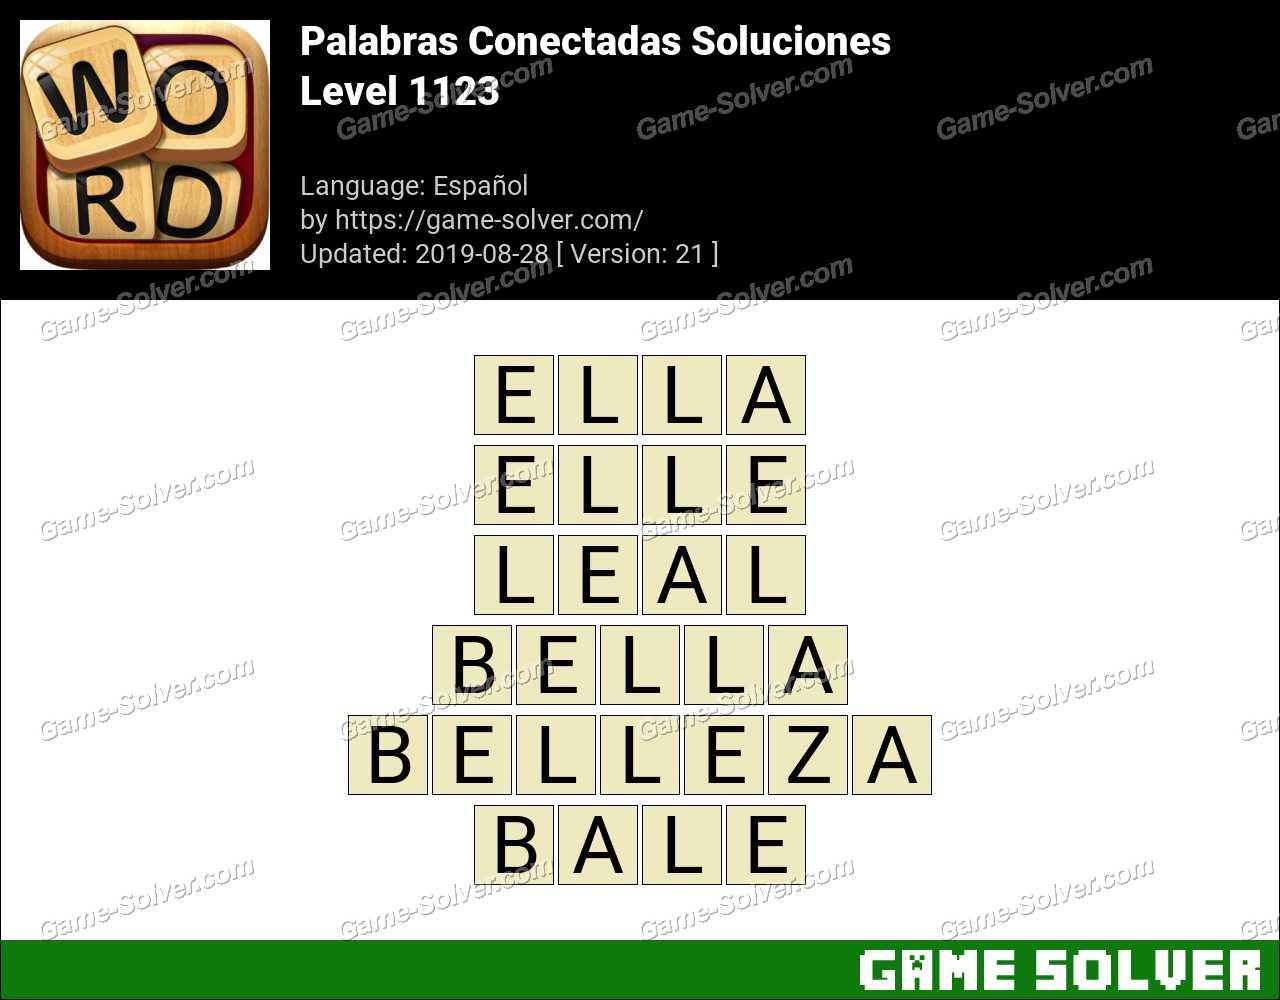 Palabras Conectadas Nivel 1123 Soluciones